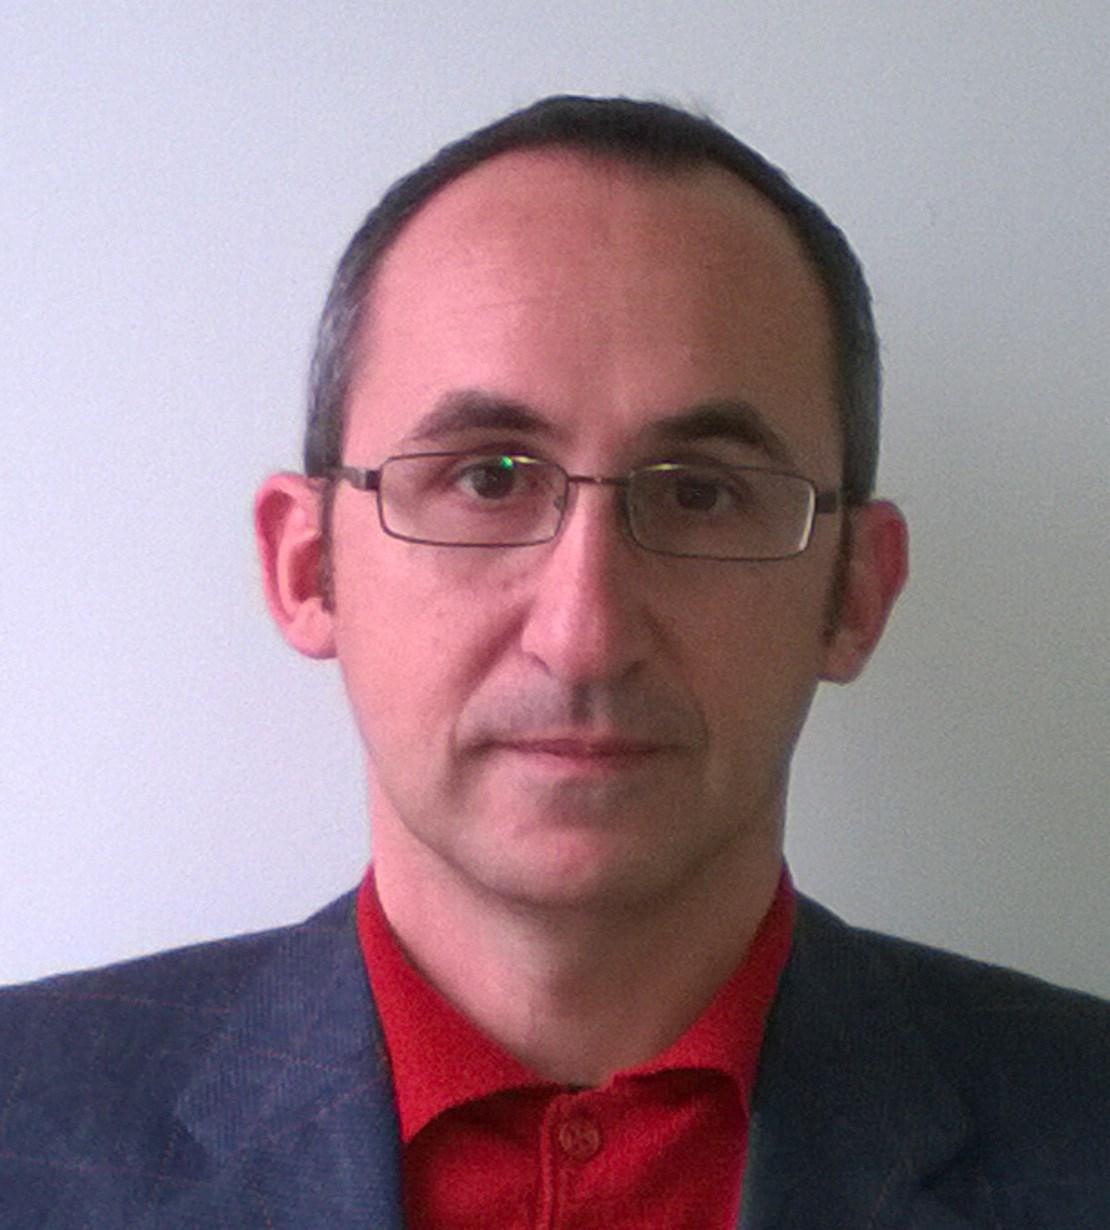 Αποτέλεσμα εικόνας για γιώργος τσιάρας δημοσιογράφος